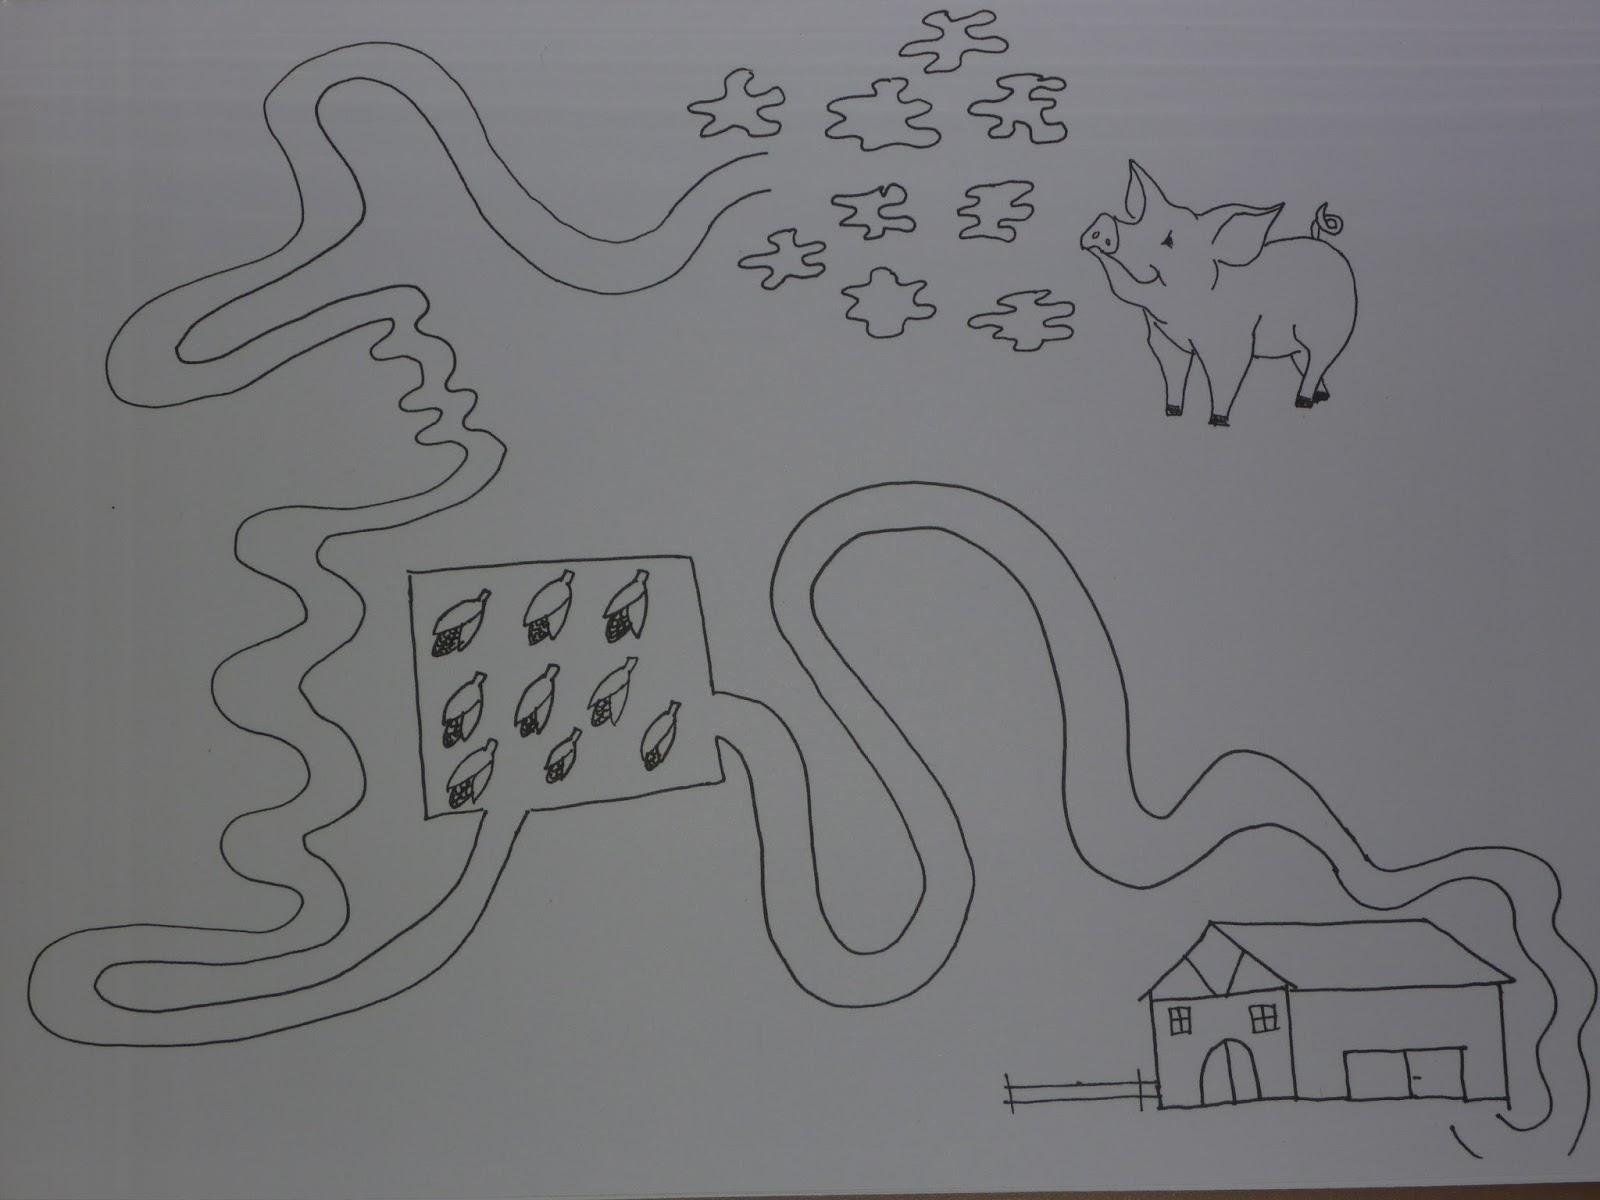 Märlimuus: Das Schwein geht heim - Graphomotorik Arbeitsblatt